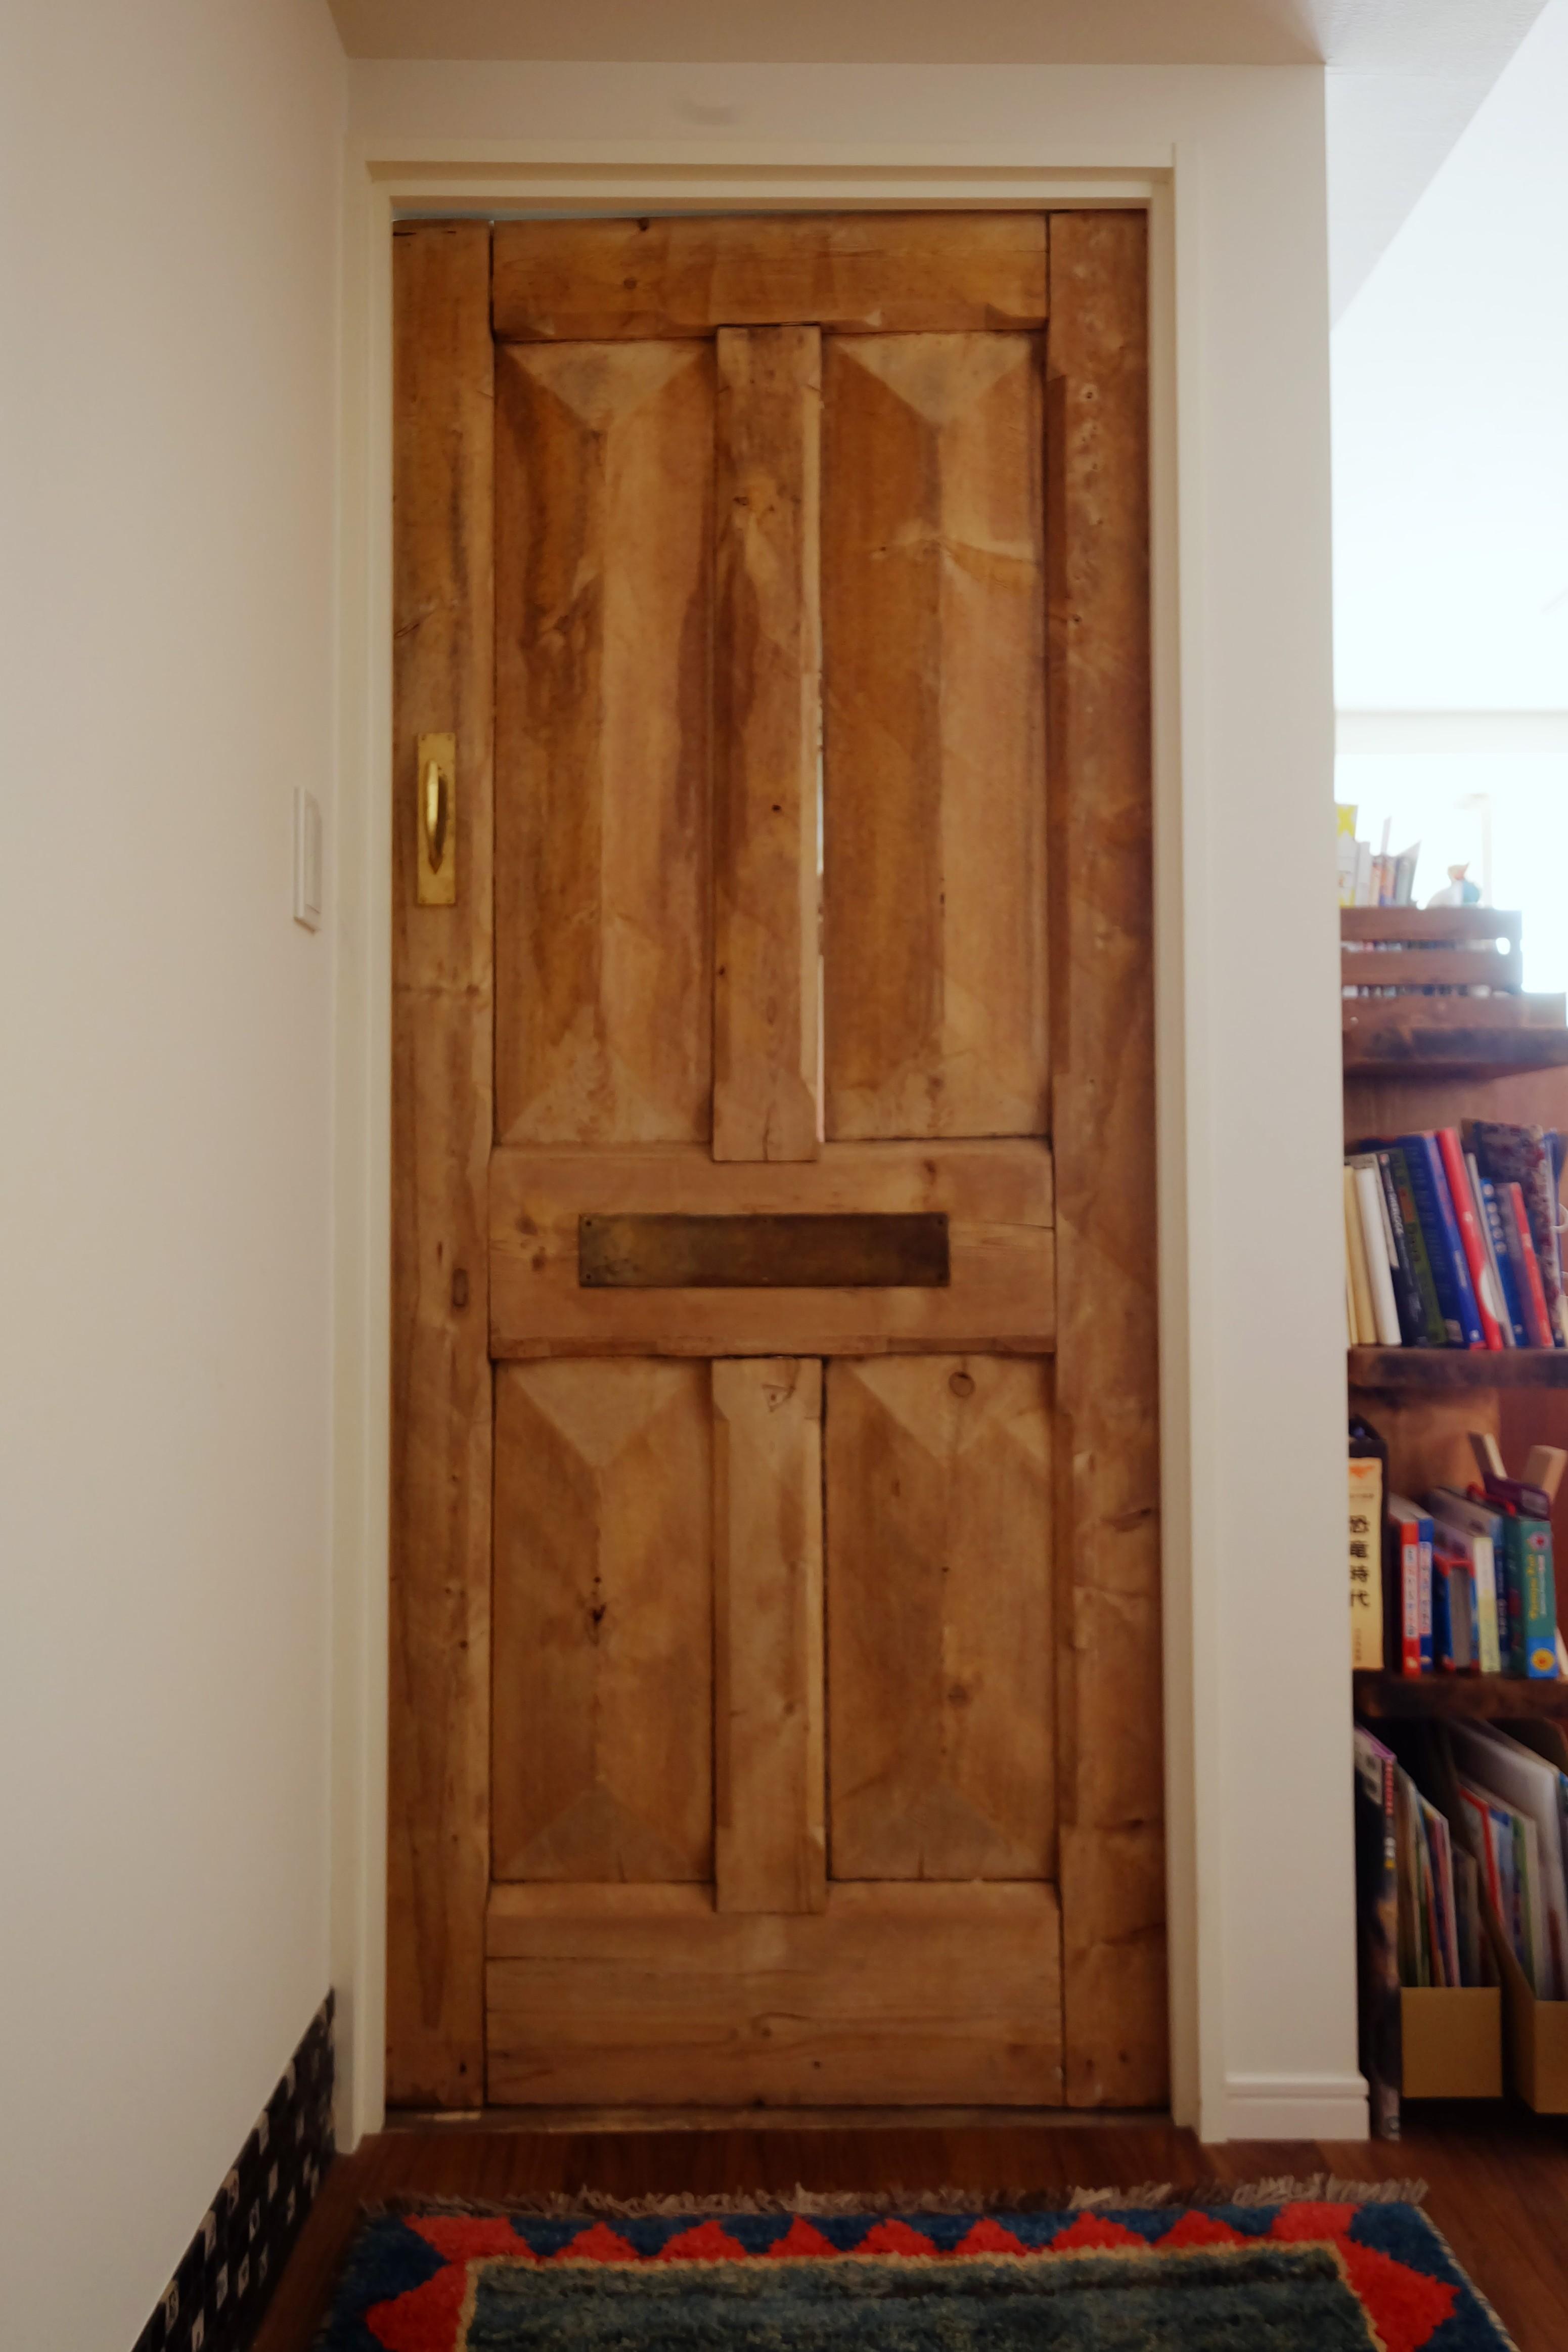 その他事例:ドア(『antique』 ― 銘品にふさわしく)